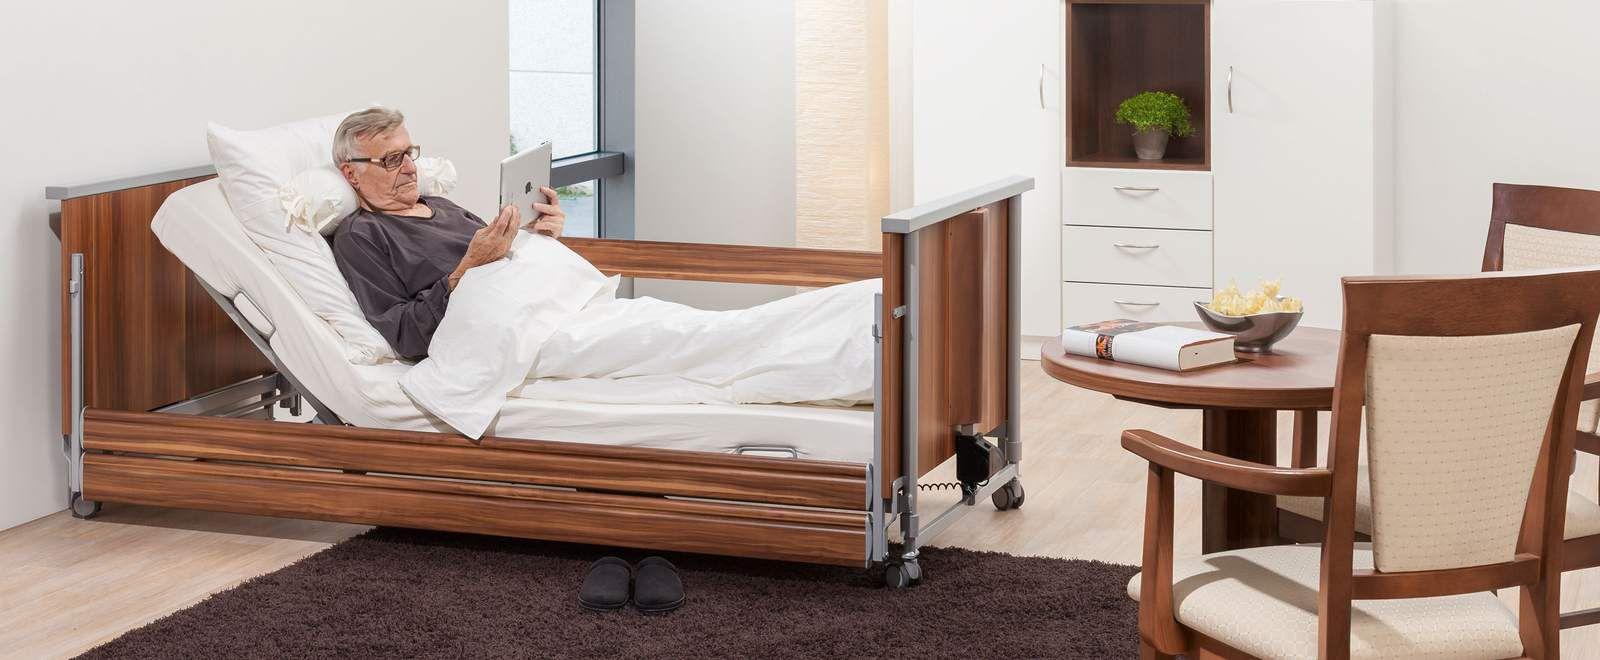 Full Size of Bock Betten Practico Ersatzteile Fernbedienung Domiflex Livorno Combiflex Medizinisches Bett Fr Husliche Krankenpflege Elektrisch Joop Billige Günstige Bett Bock Betten